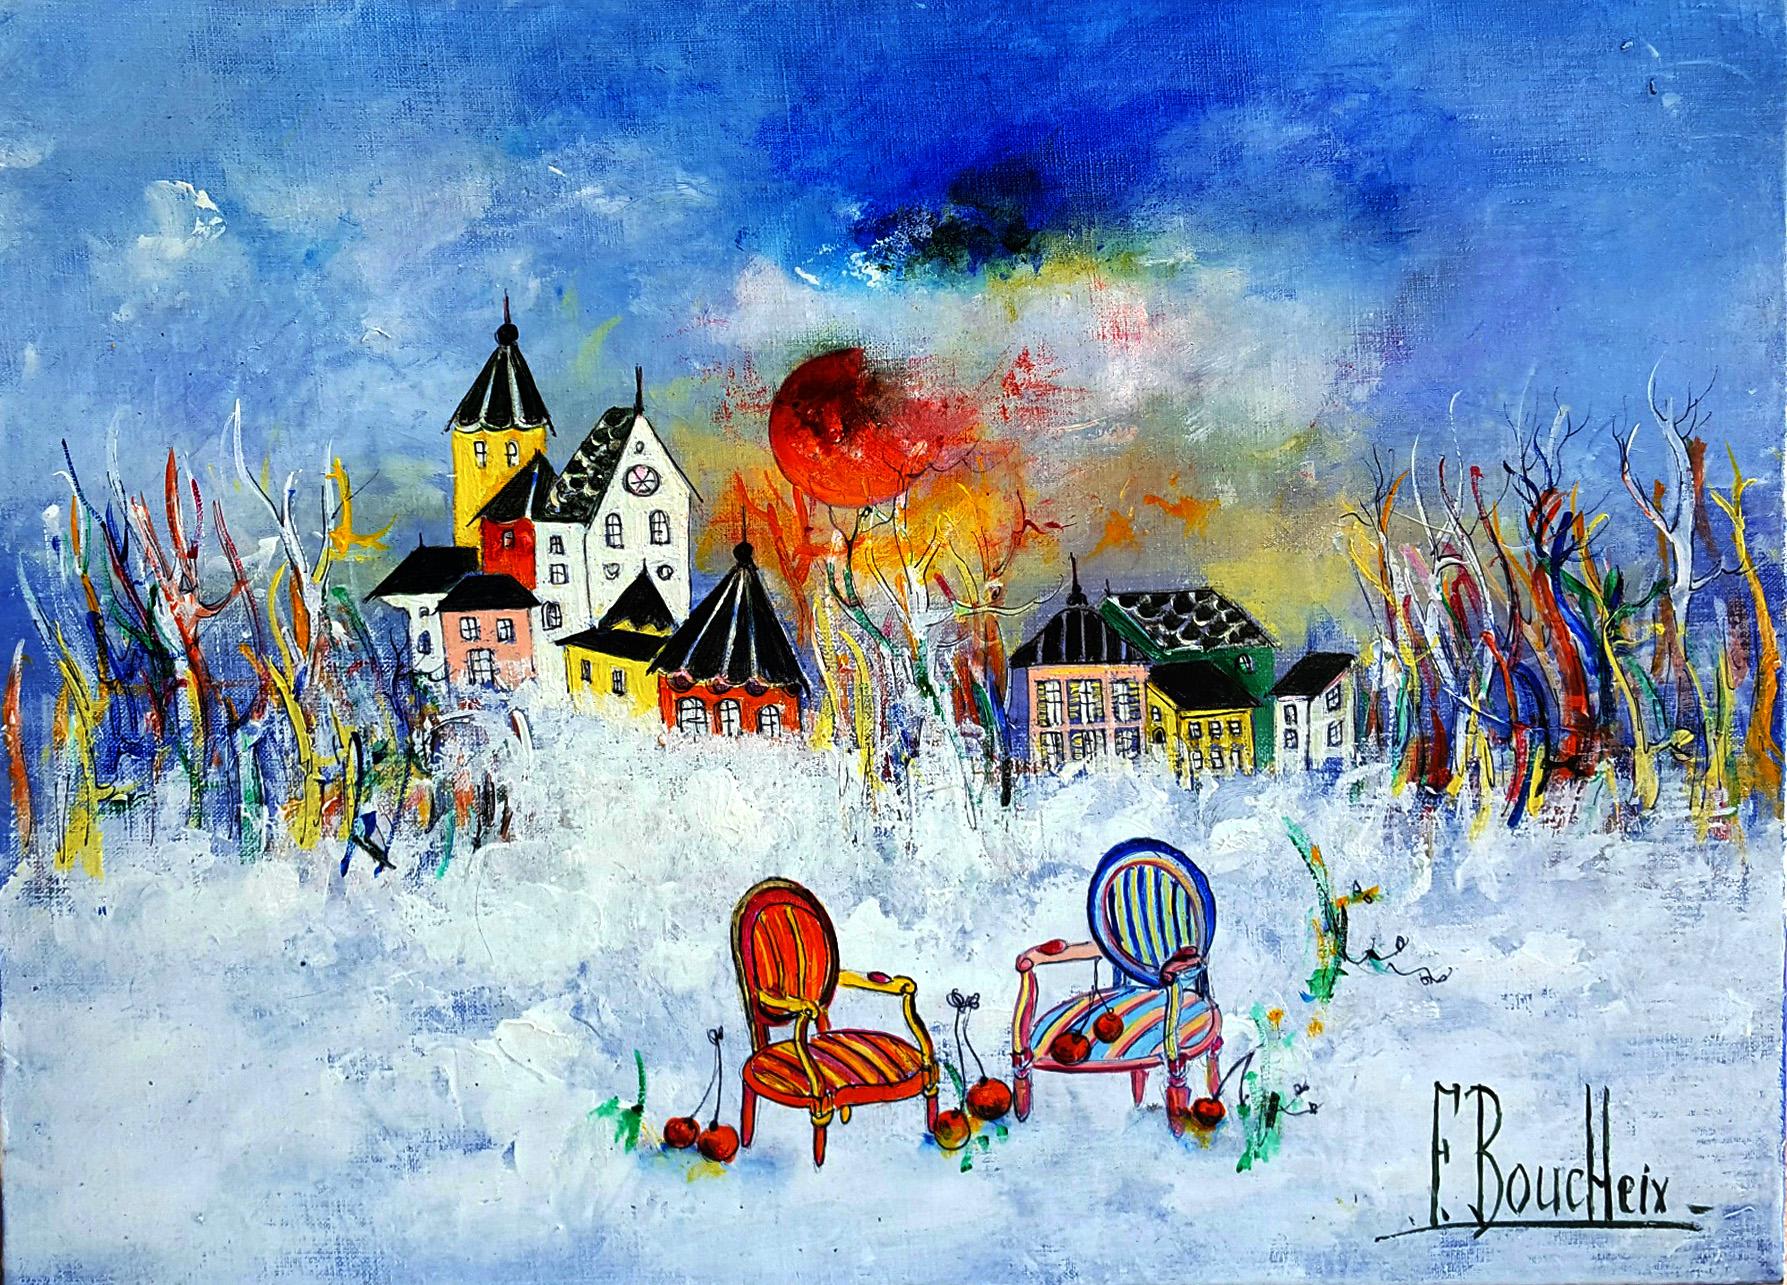 https://www.galerie-saint-martin.com/artistes/boucheix/